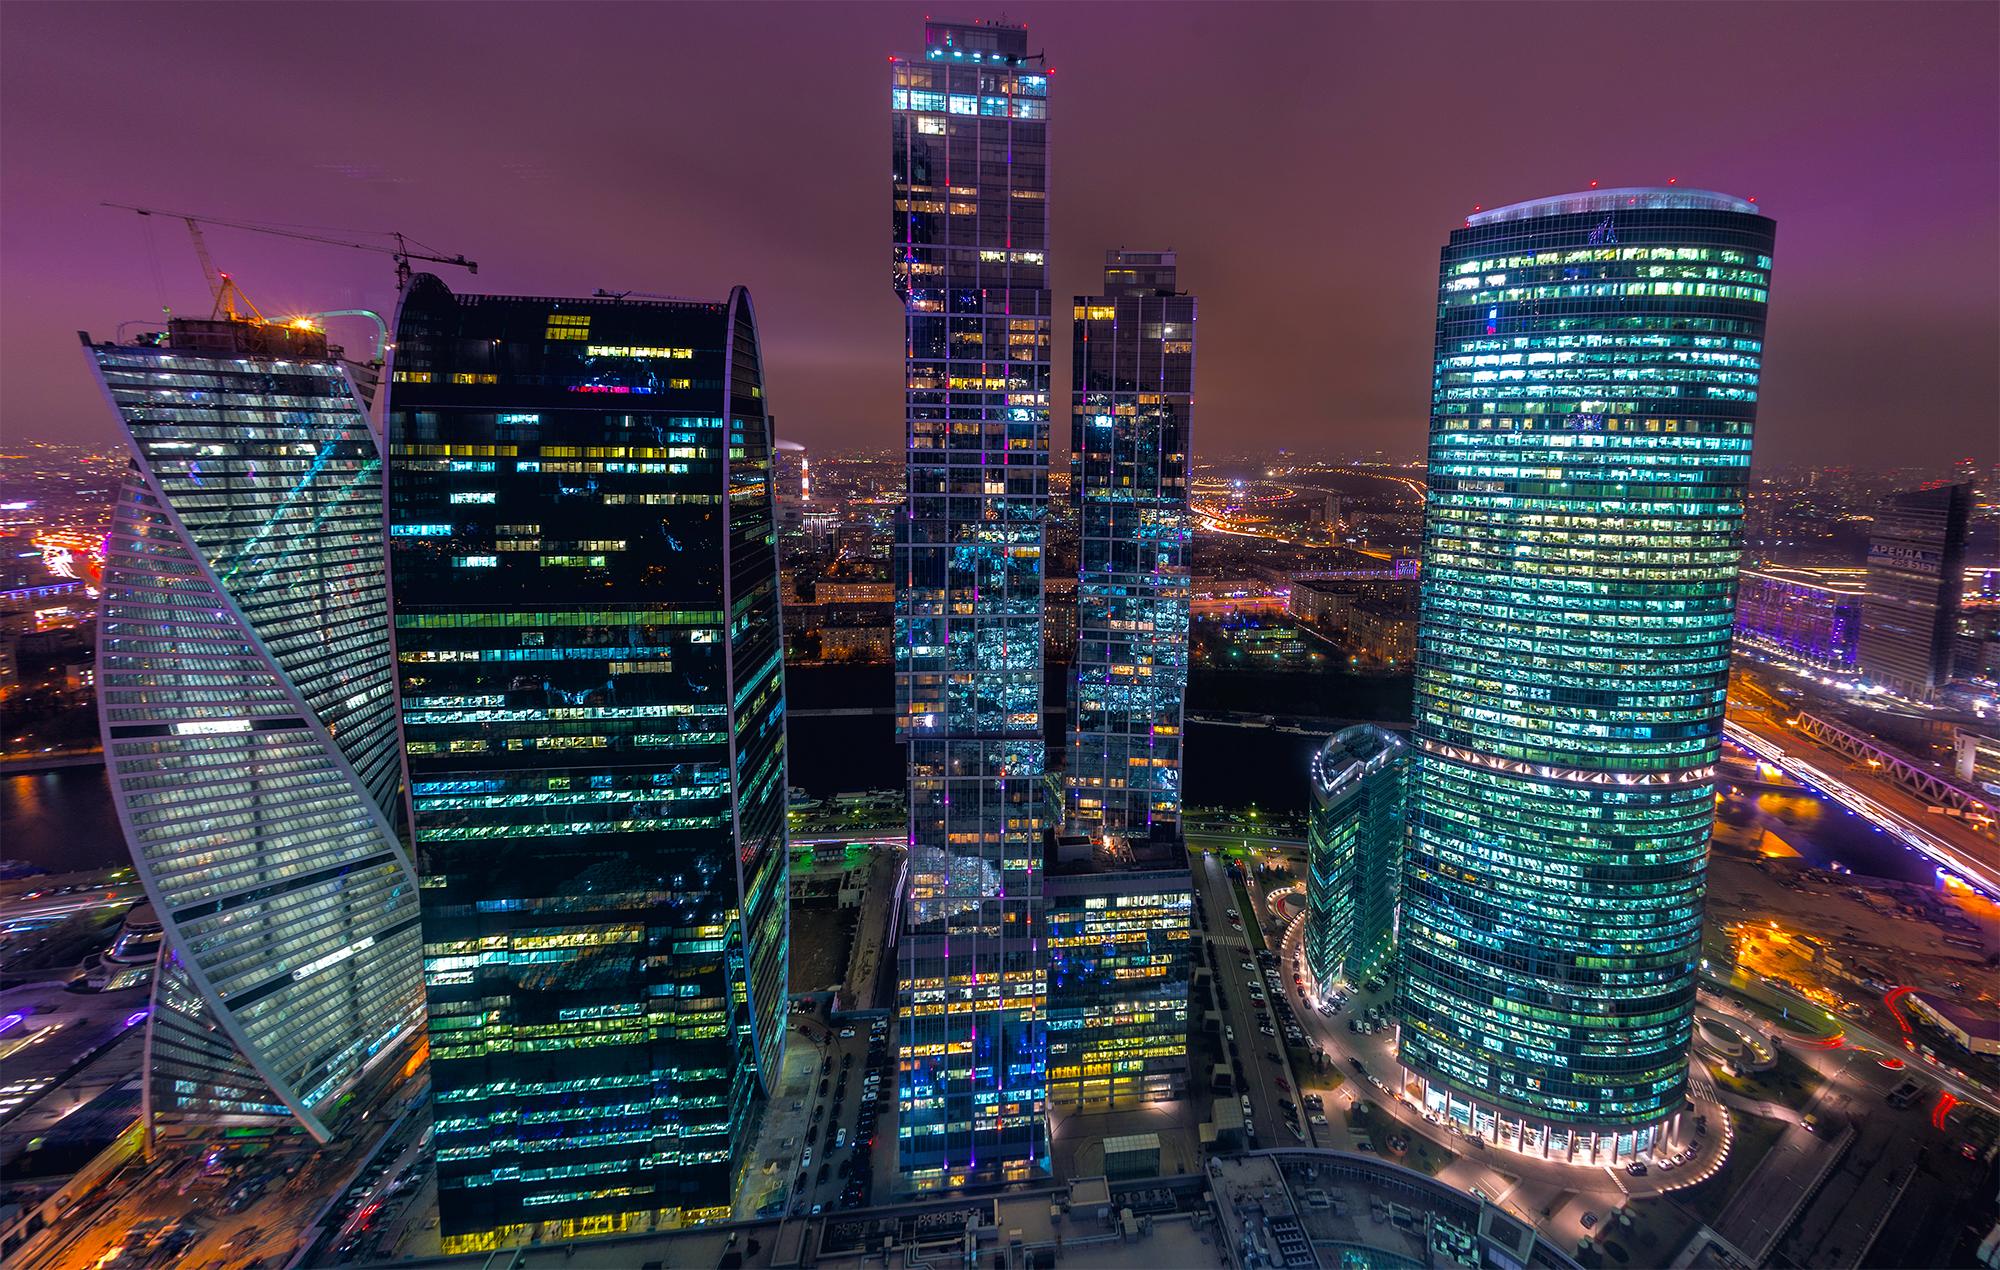 Москва-Сити взгляд изнутри